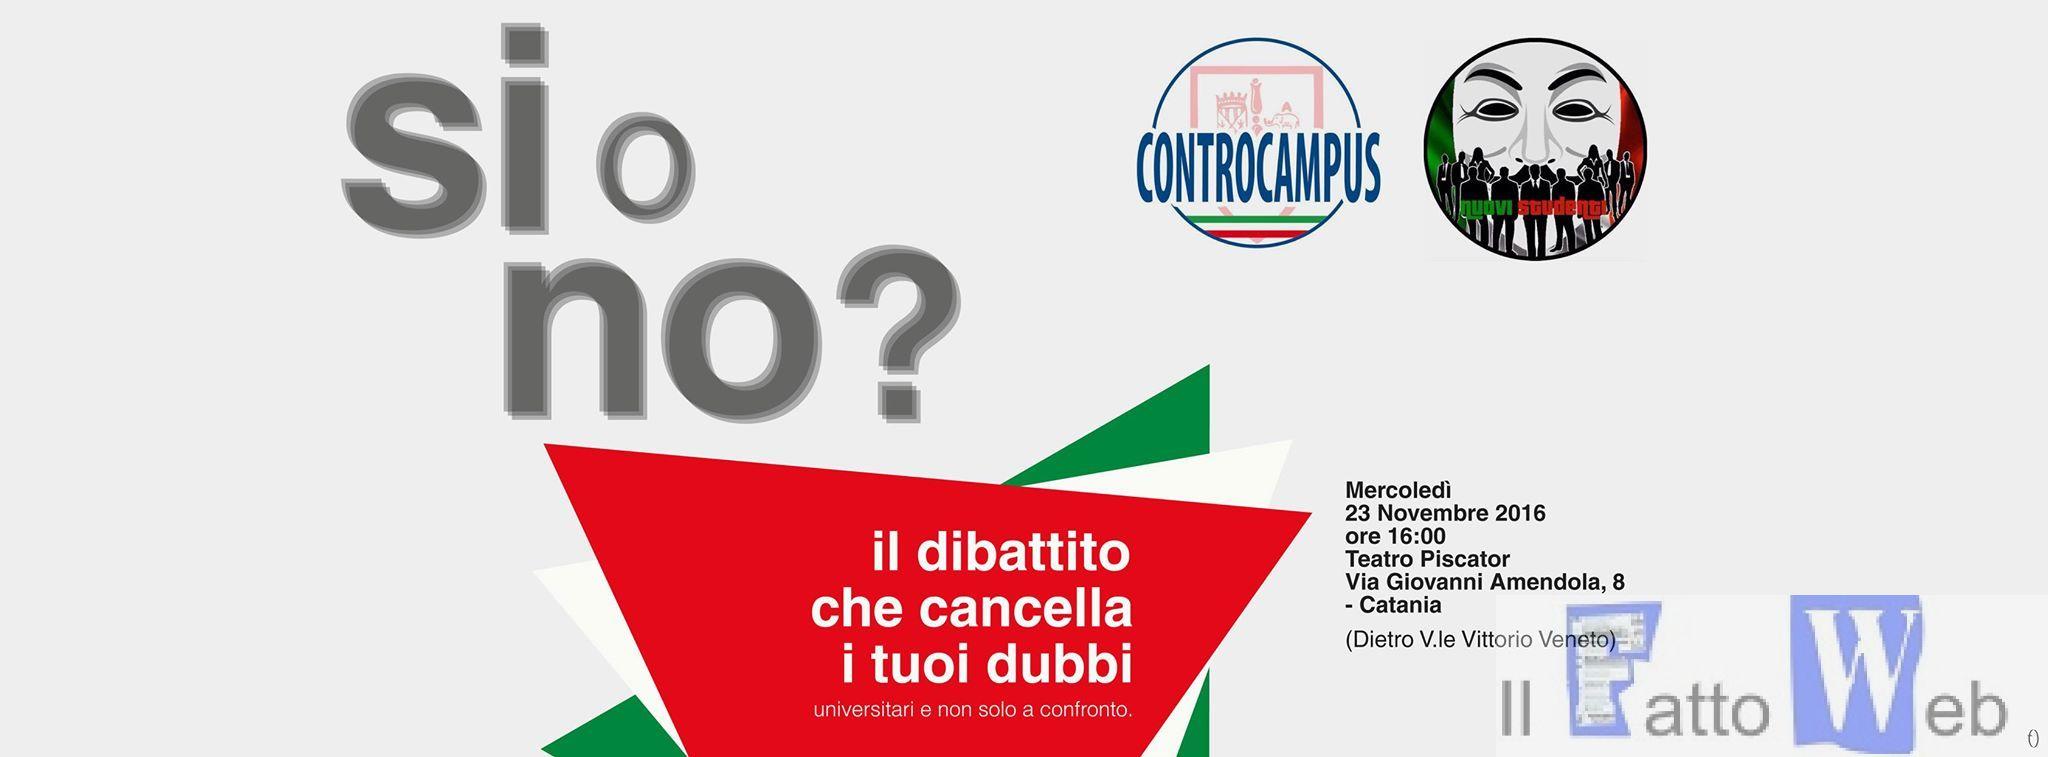 """Controcampus: """"Si o No. Il Dibattito che cancella i tuoi dubbi – universitari e non solo a confronto"""""""